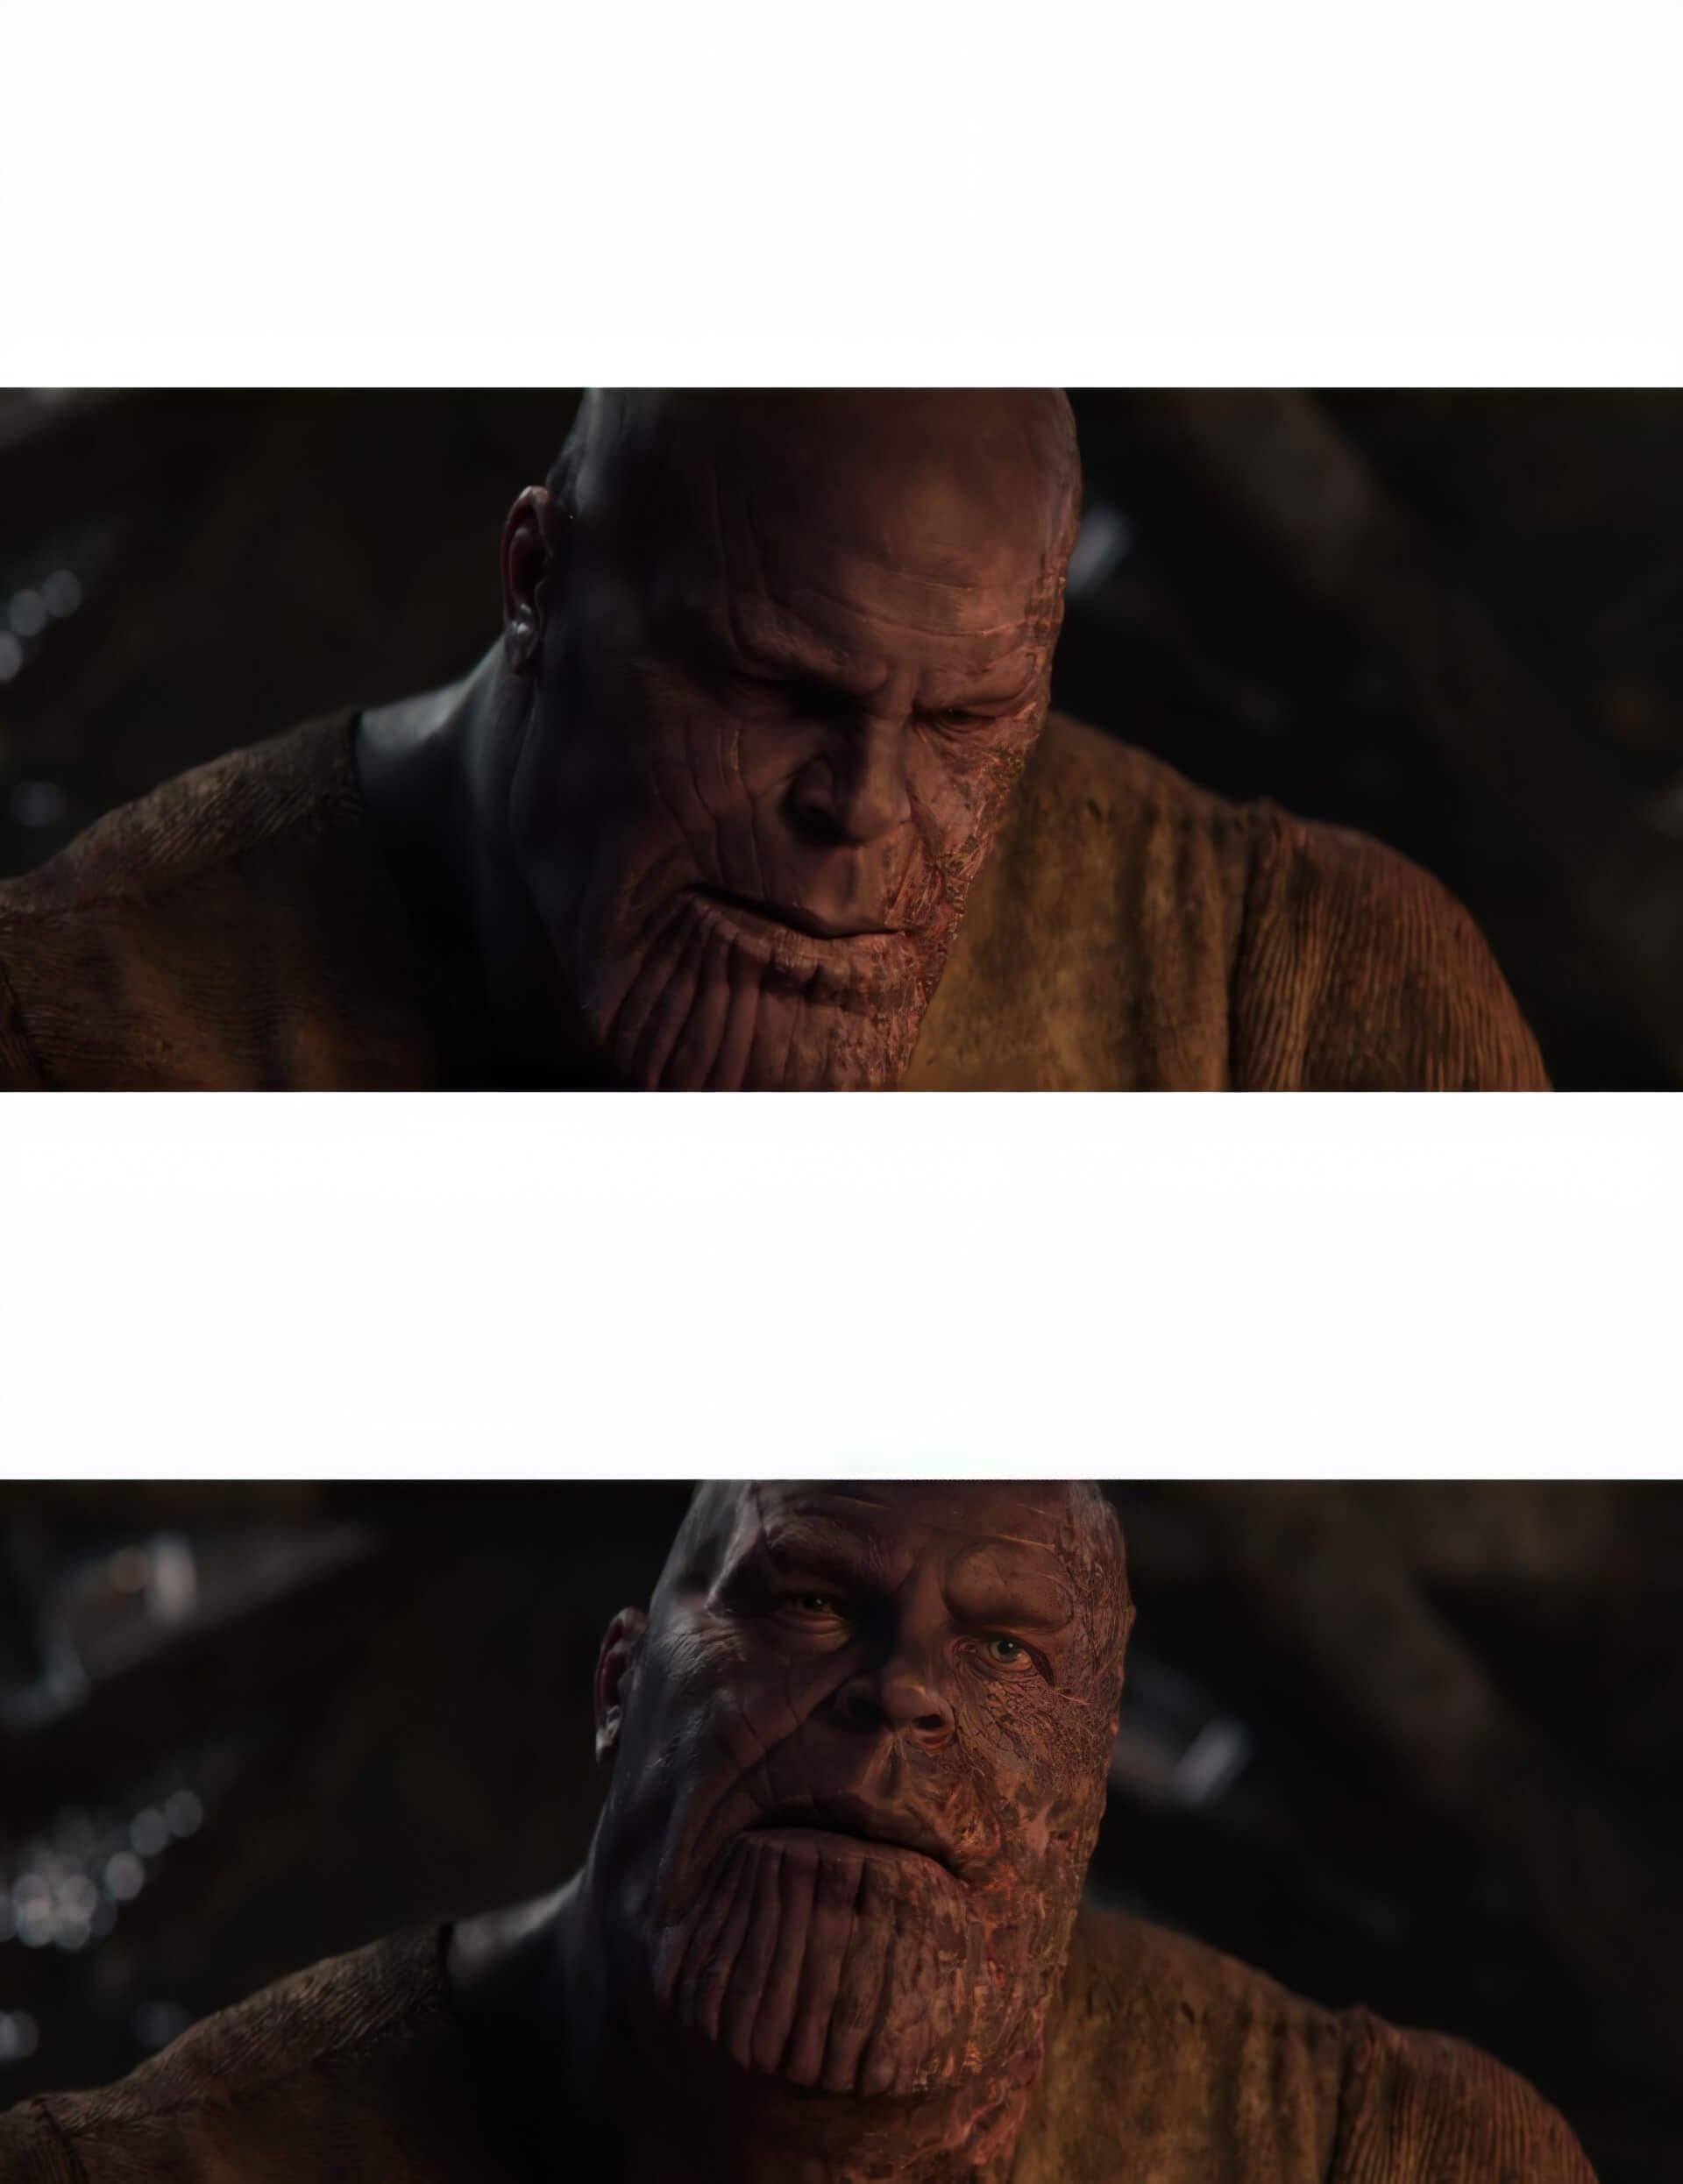 Ir a la pagina de la plantilla Thanos levanta la mirada.